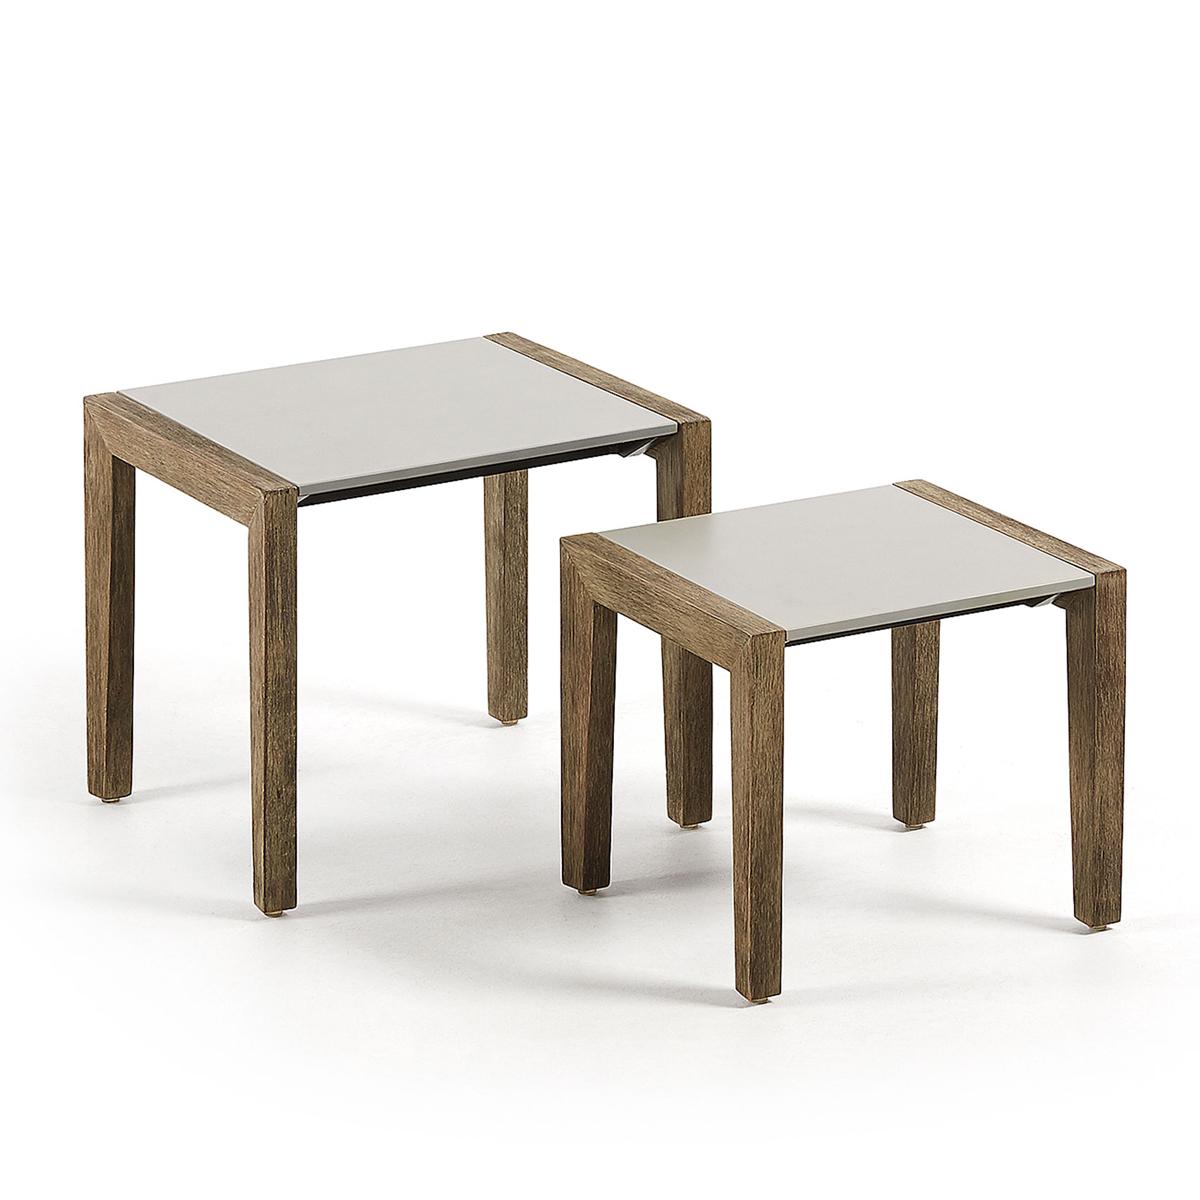 Duo de tables d'appoint en bois et ciment - Naturel - H 42 cm x 48 cm et H 35 cm x 40 cm